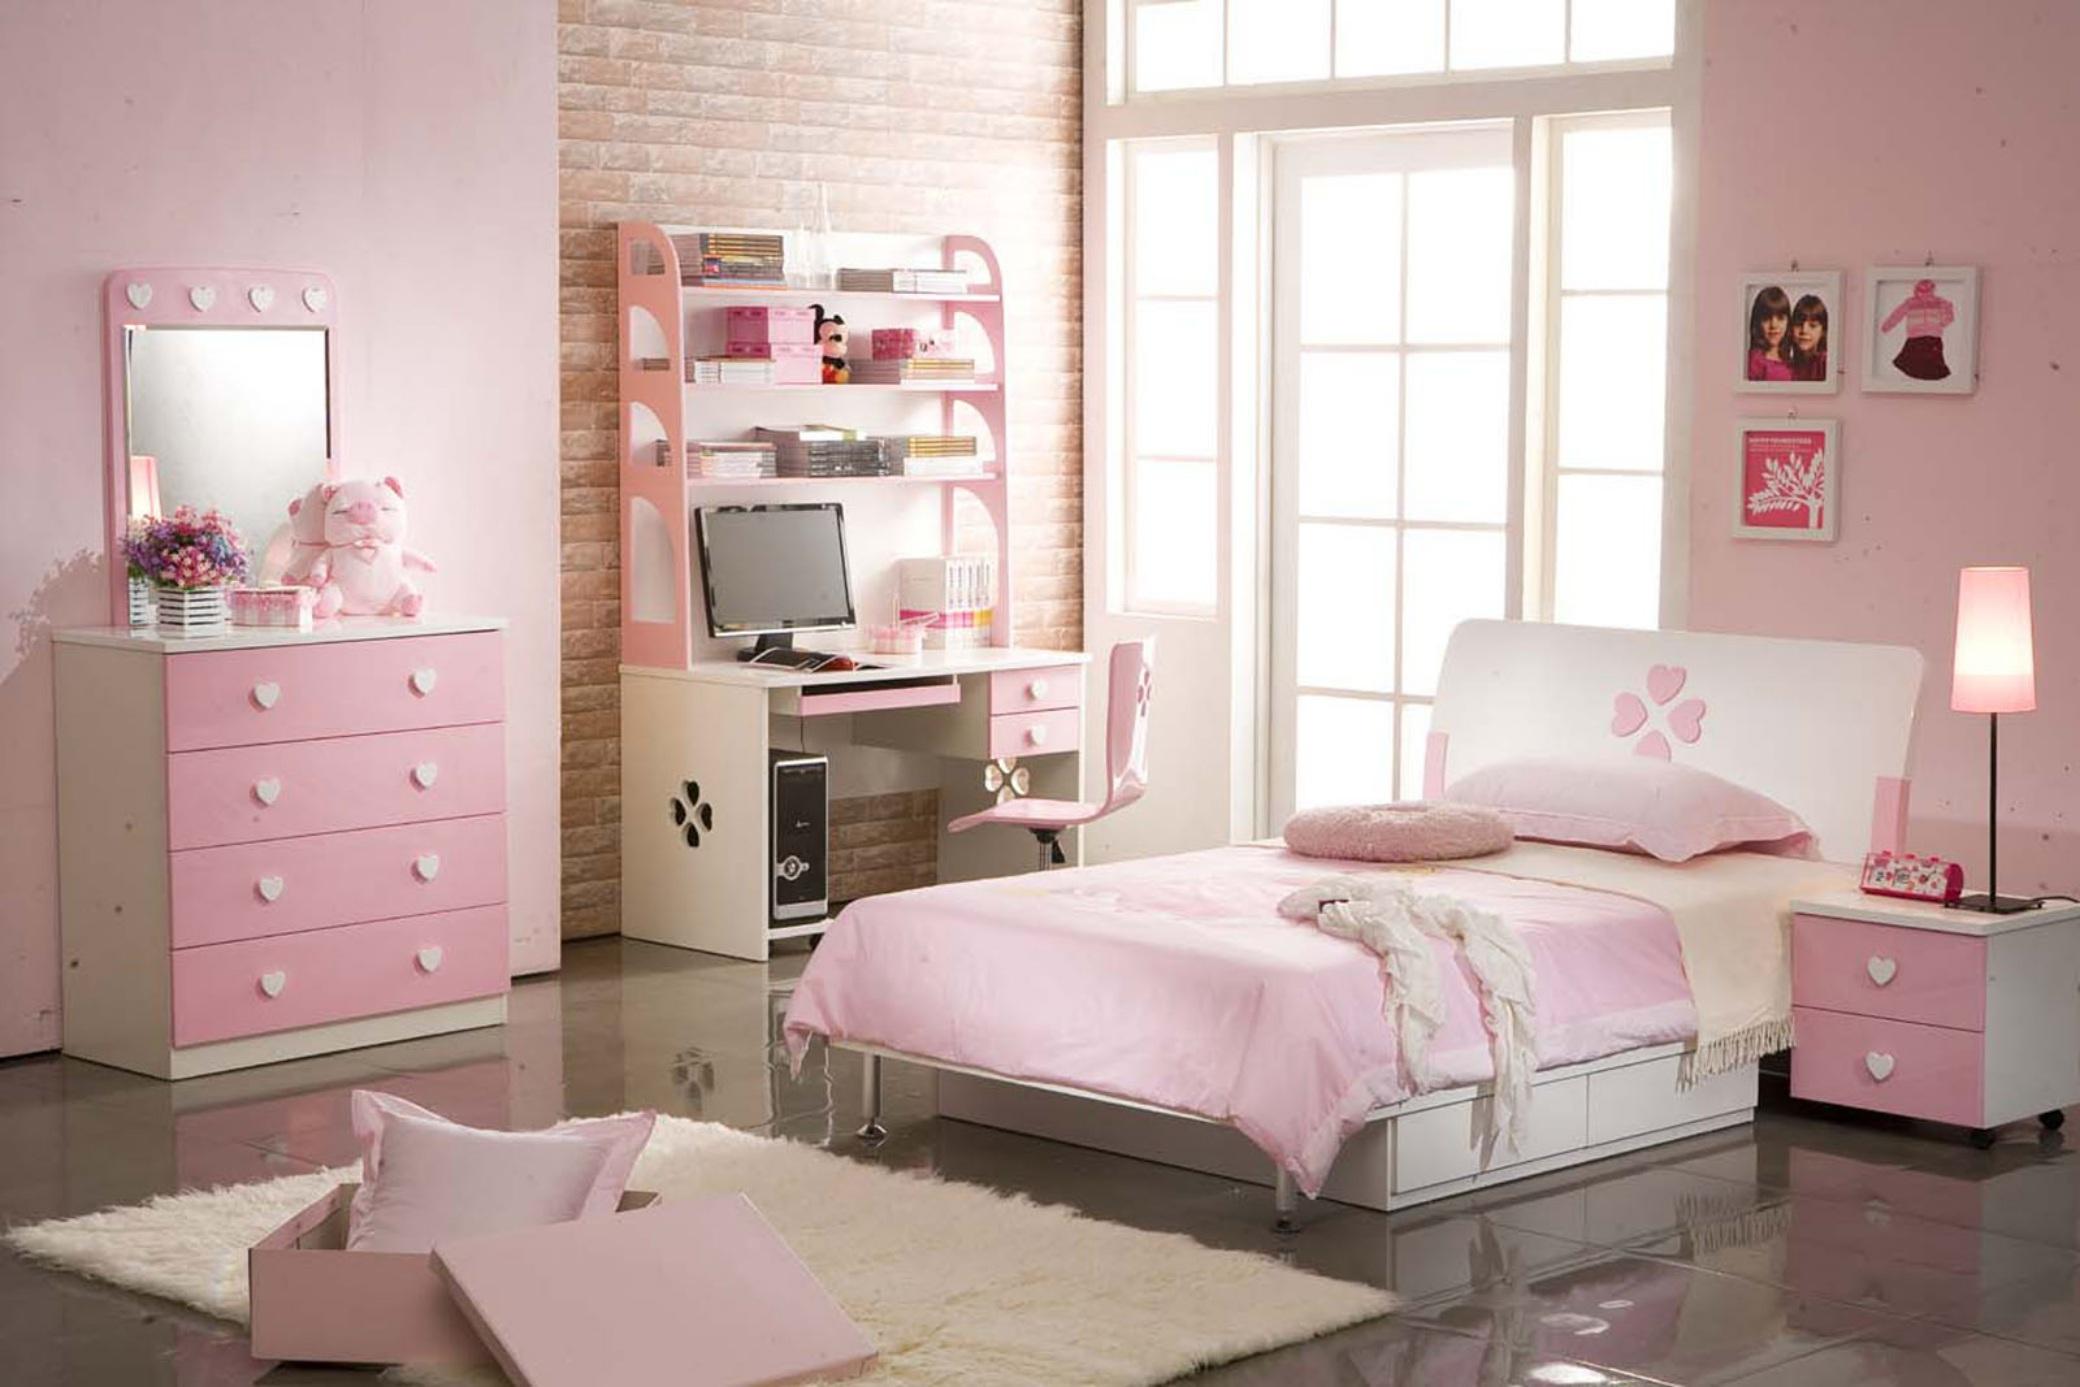 بالصور صور غرف بنات , اجمل ديكورات غرف البنات 3252 2